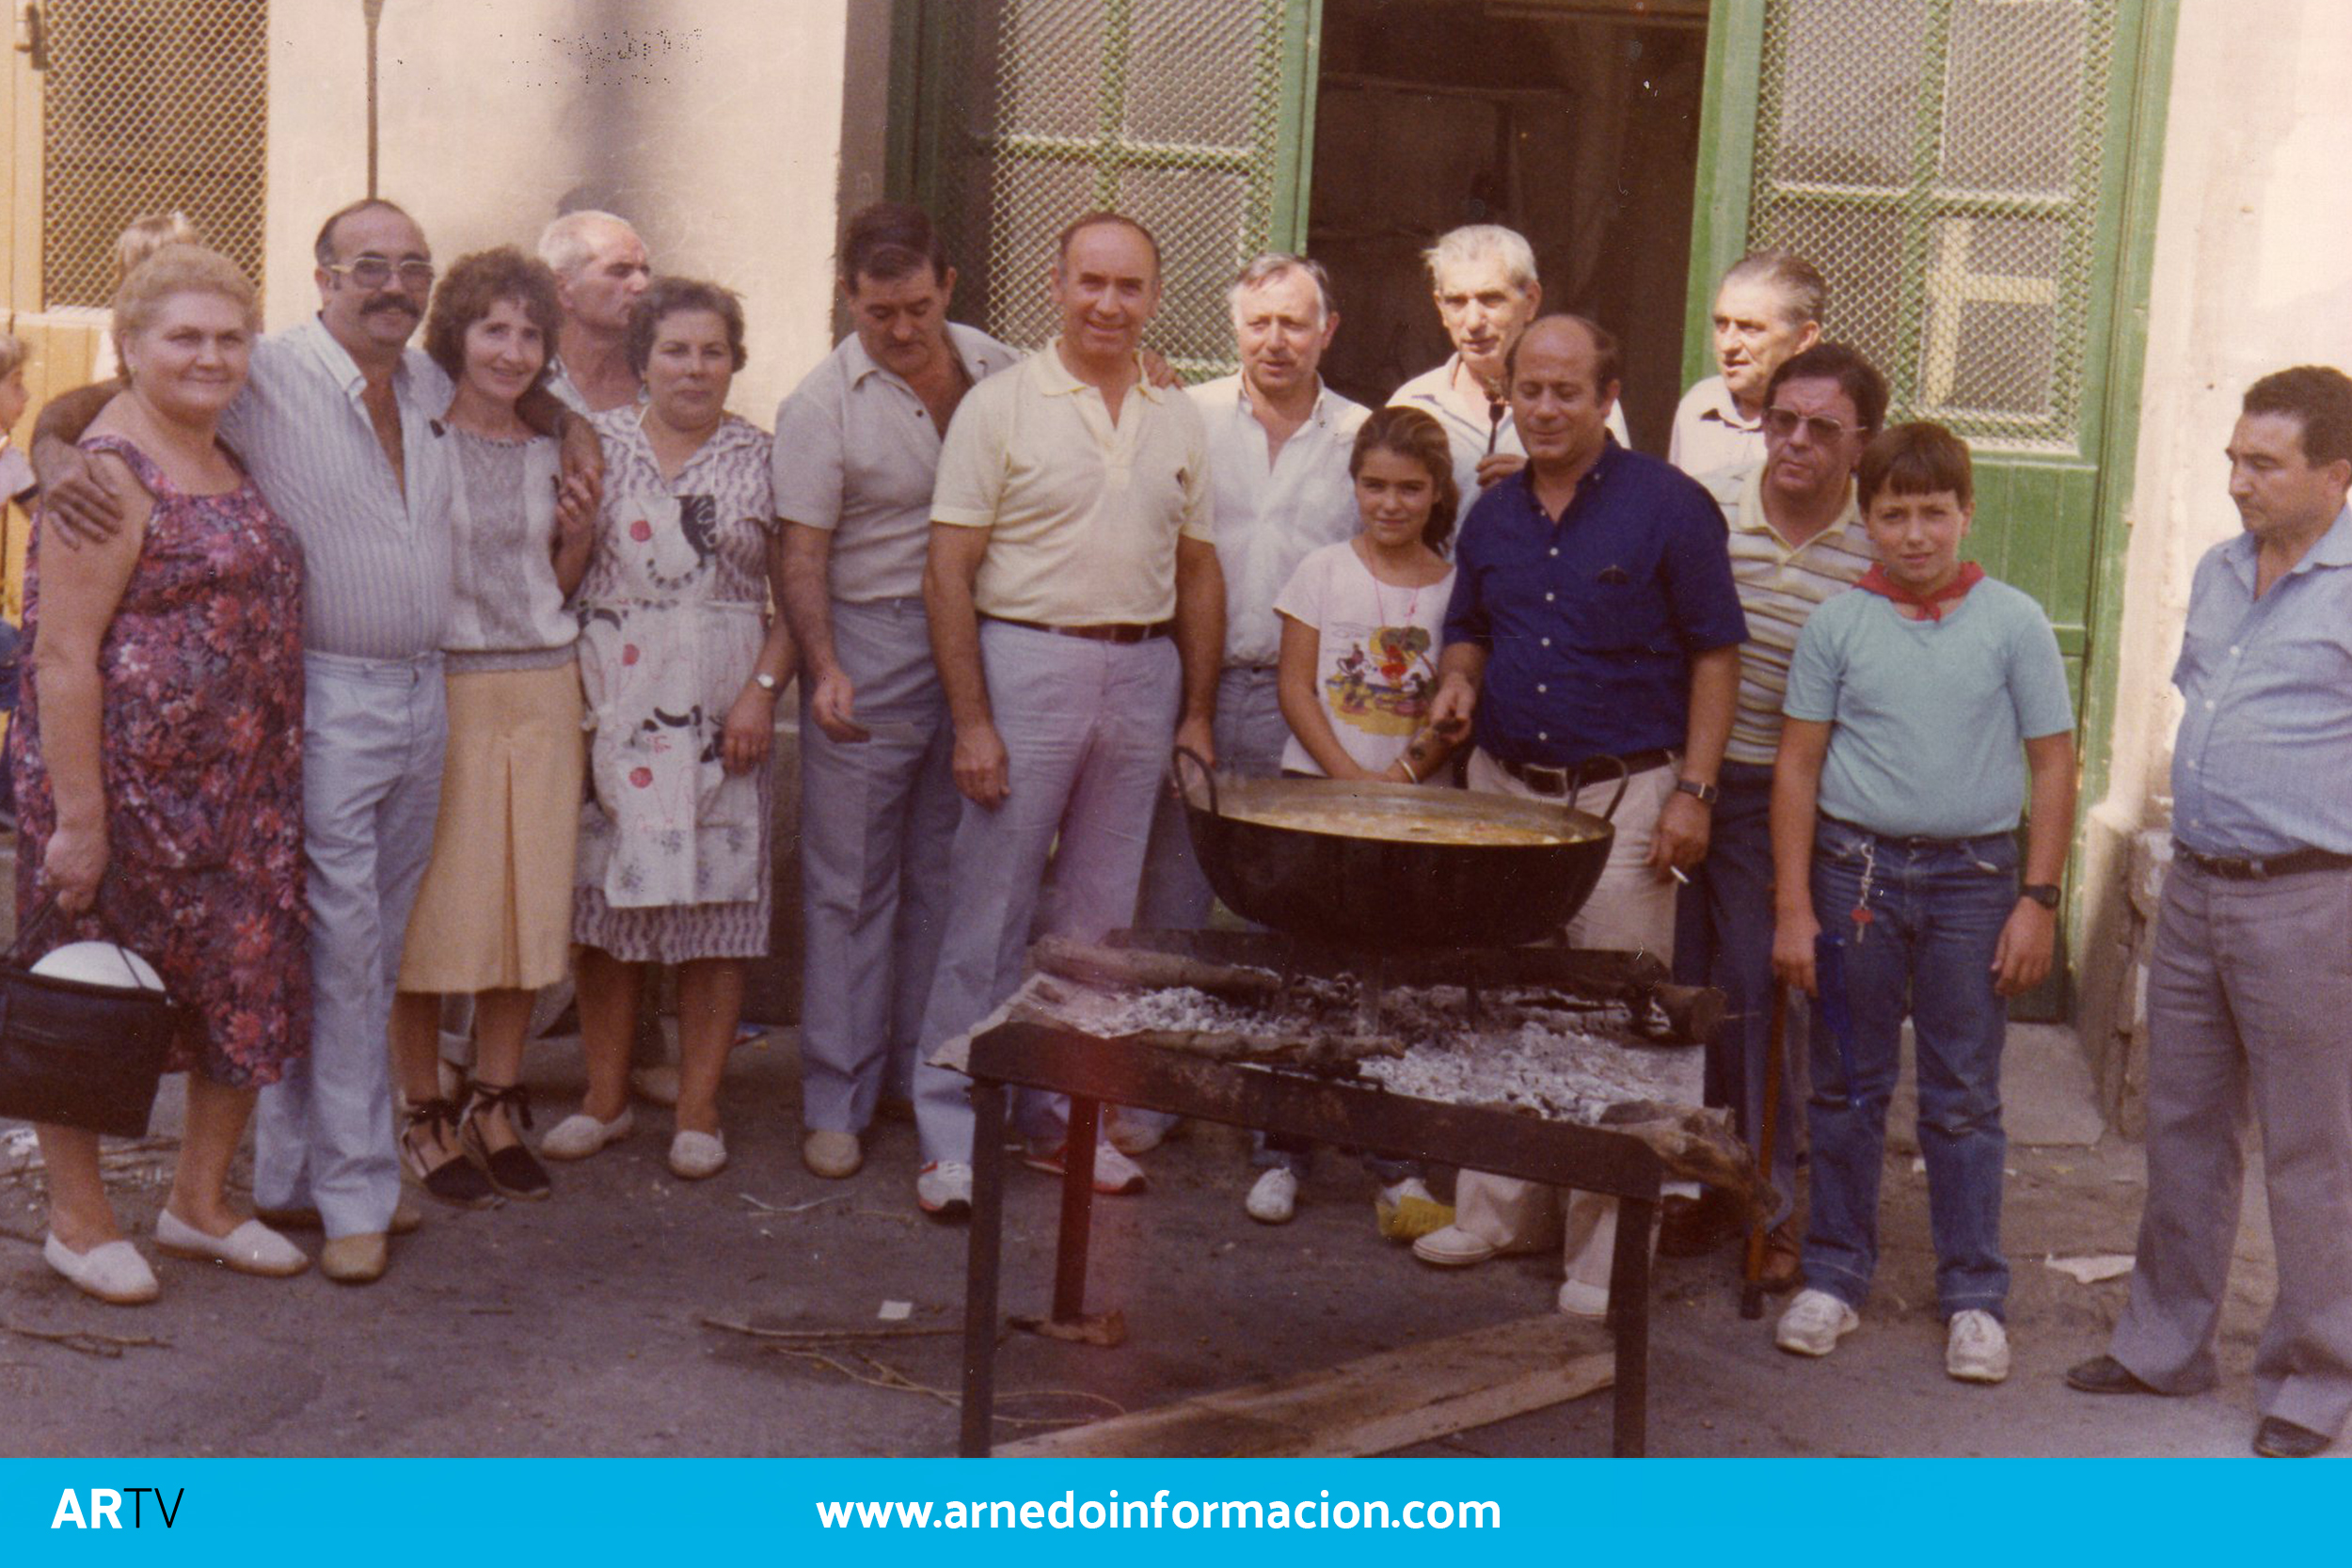 Cuadrilla de arnedanos almorzando en la calle, fiestas 19852